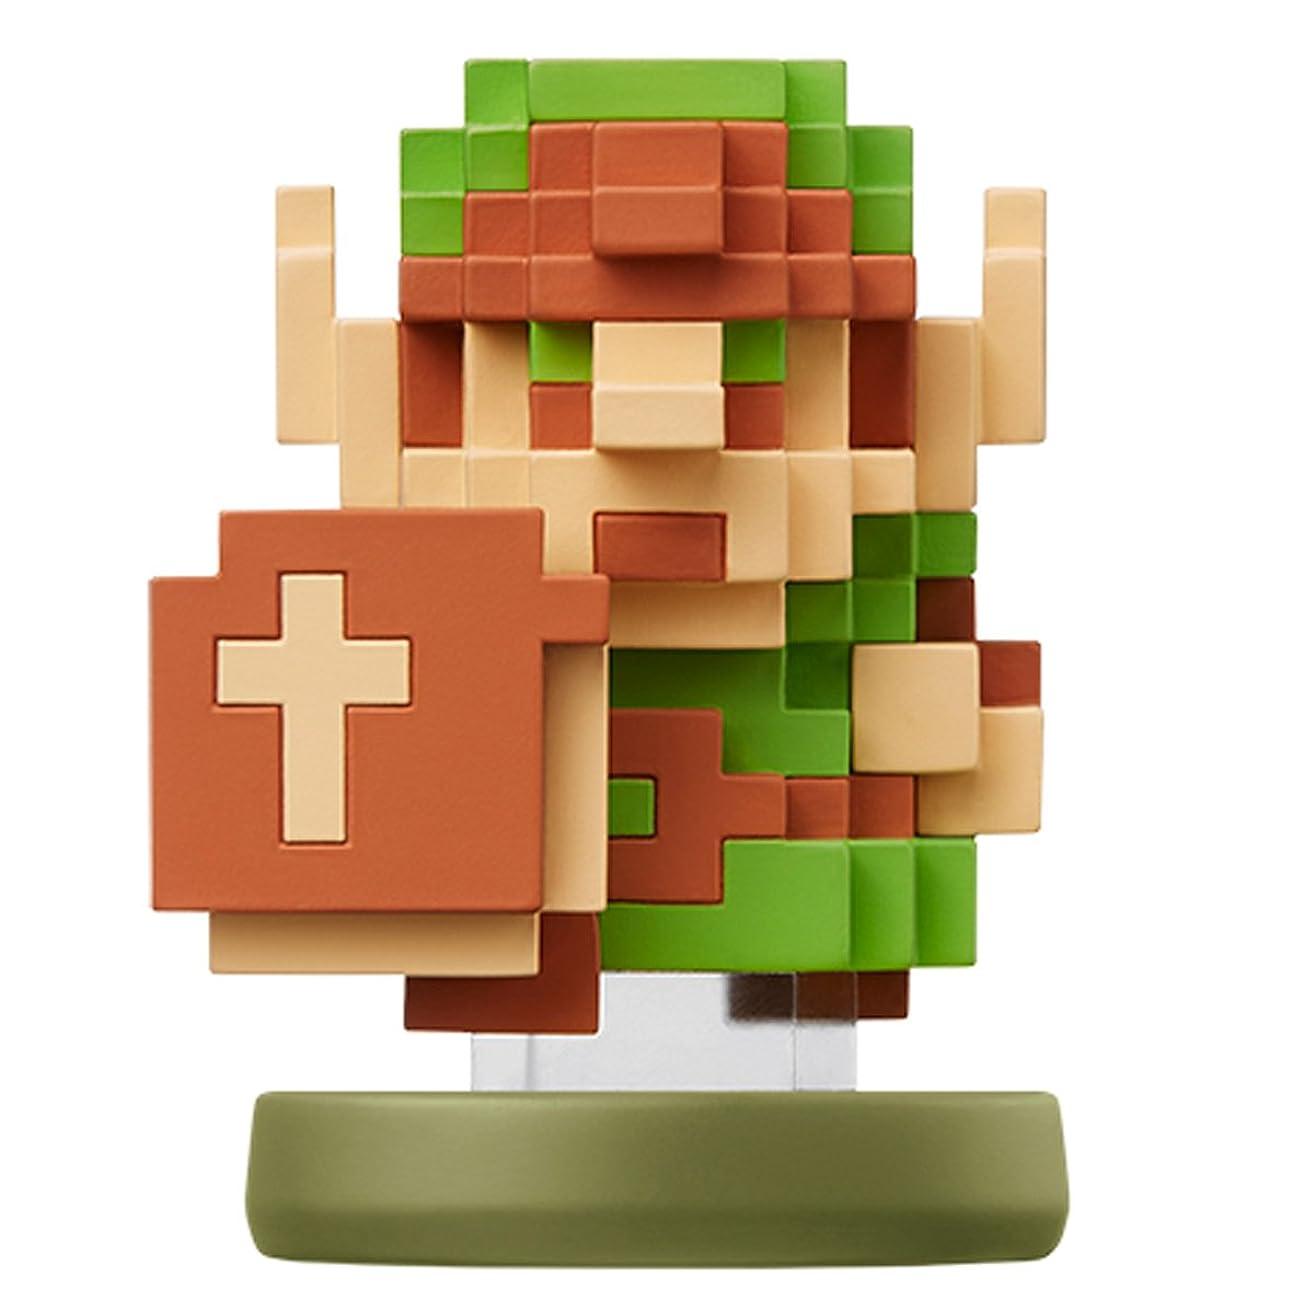 Nintendo amiibo 8-Bit Link (The Legend of Zelda Series) [Japan Import]